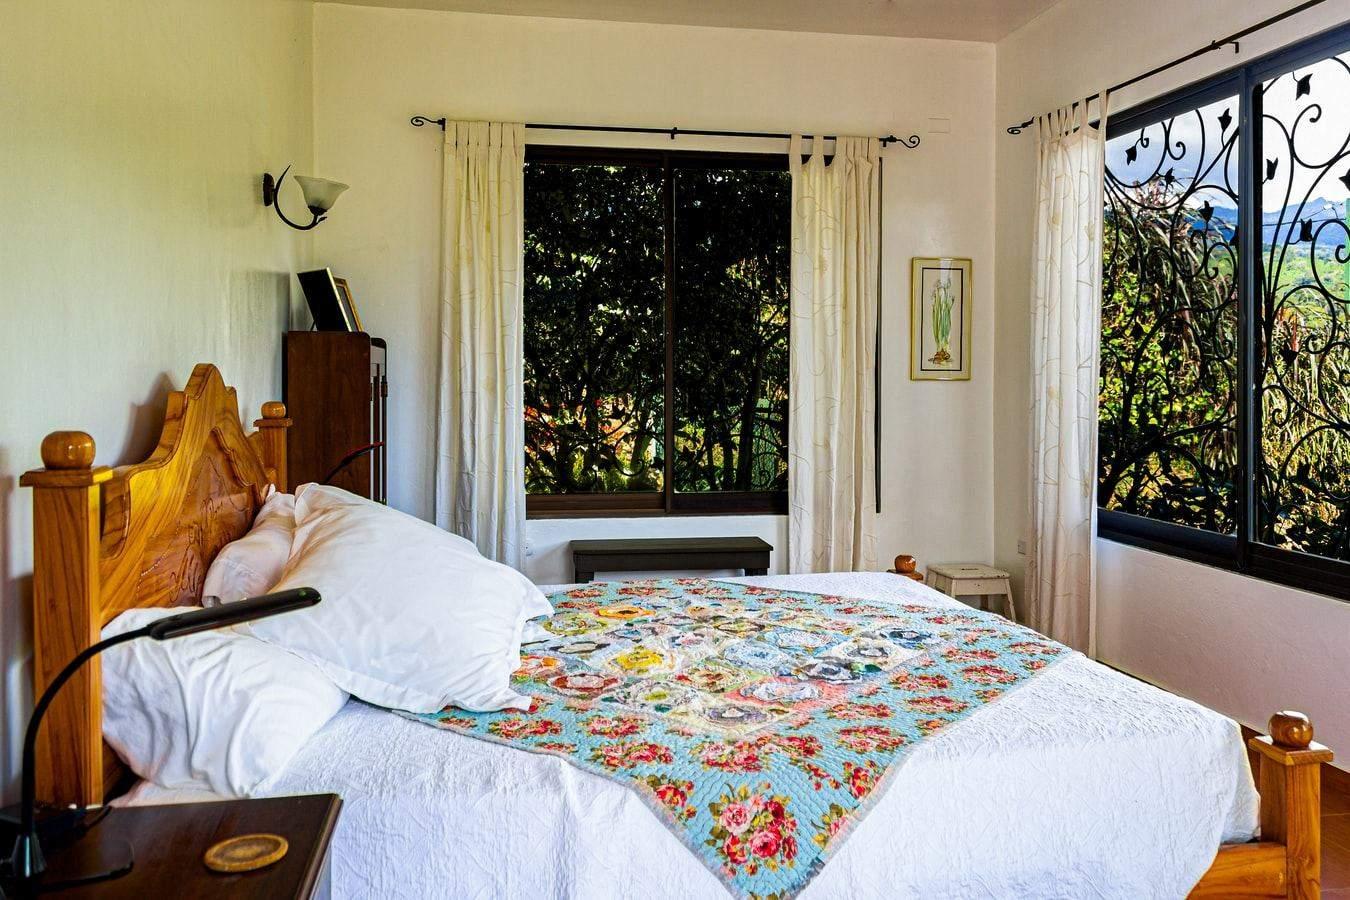 Если у вас небольшая спальня, не перегружайте ее лишними аксессуарами